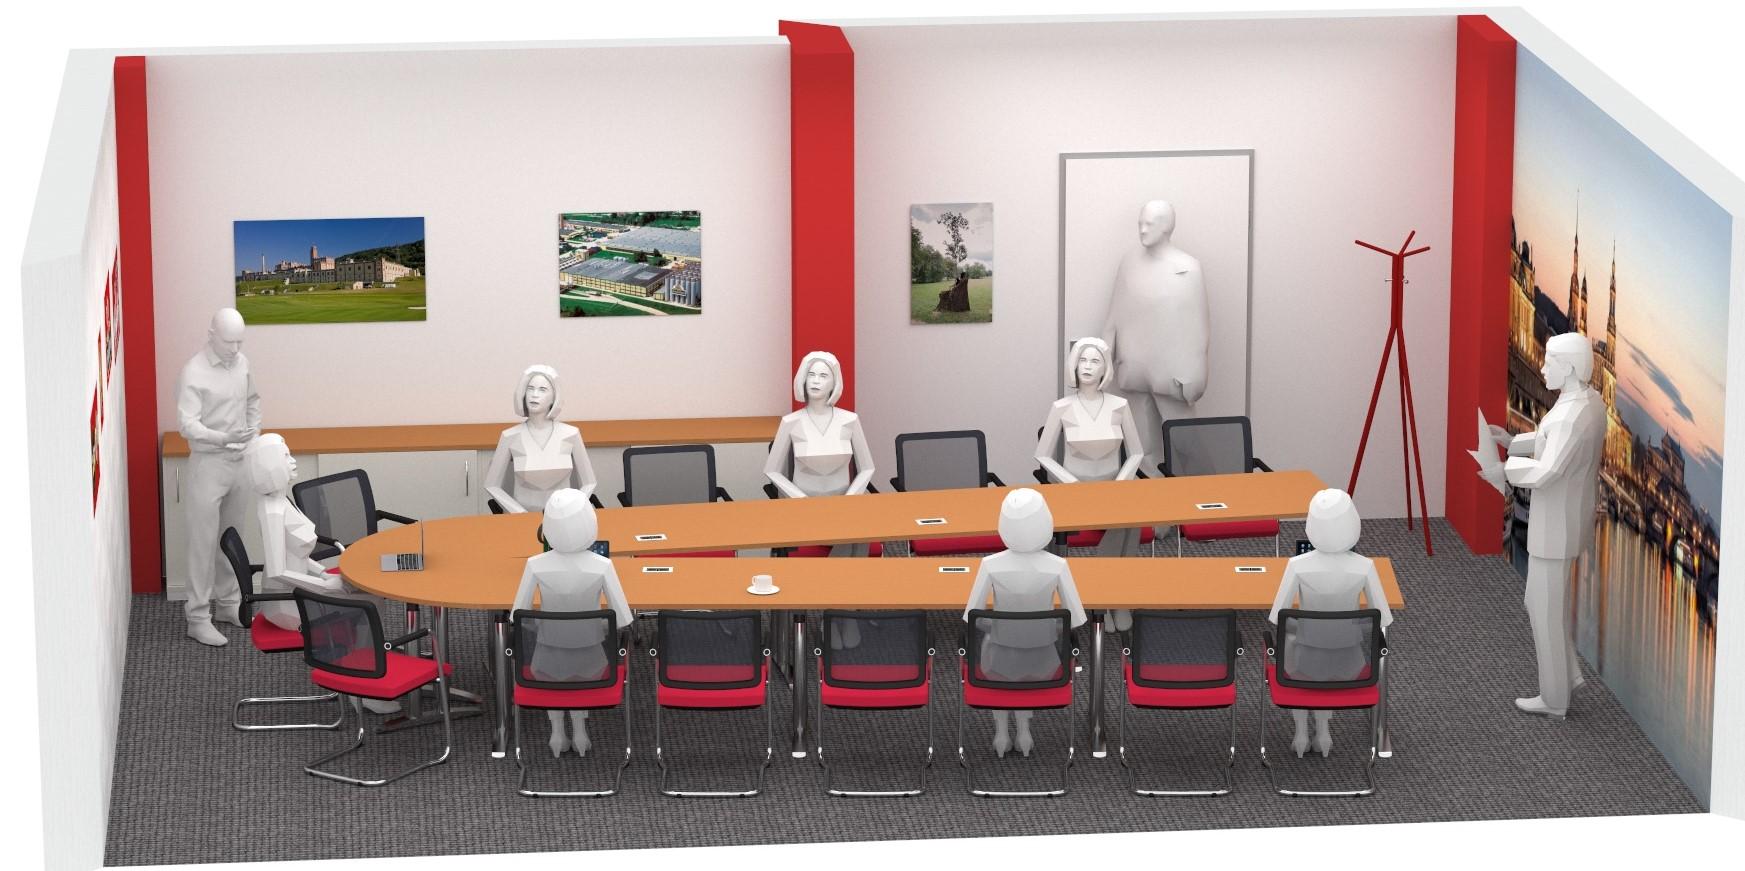 Konferenztisch in U-Form, geplant von R.Bellmann